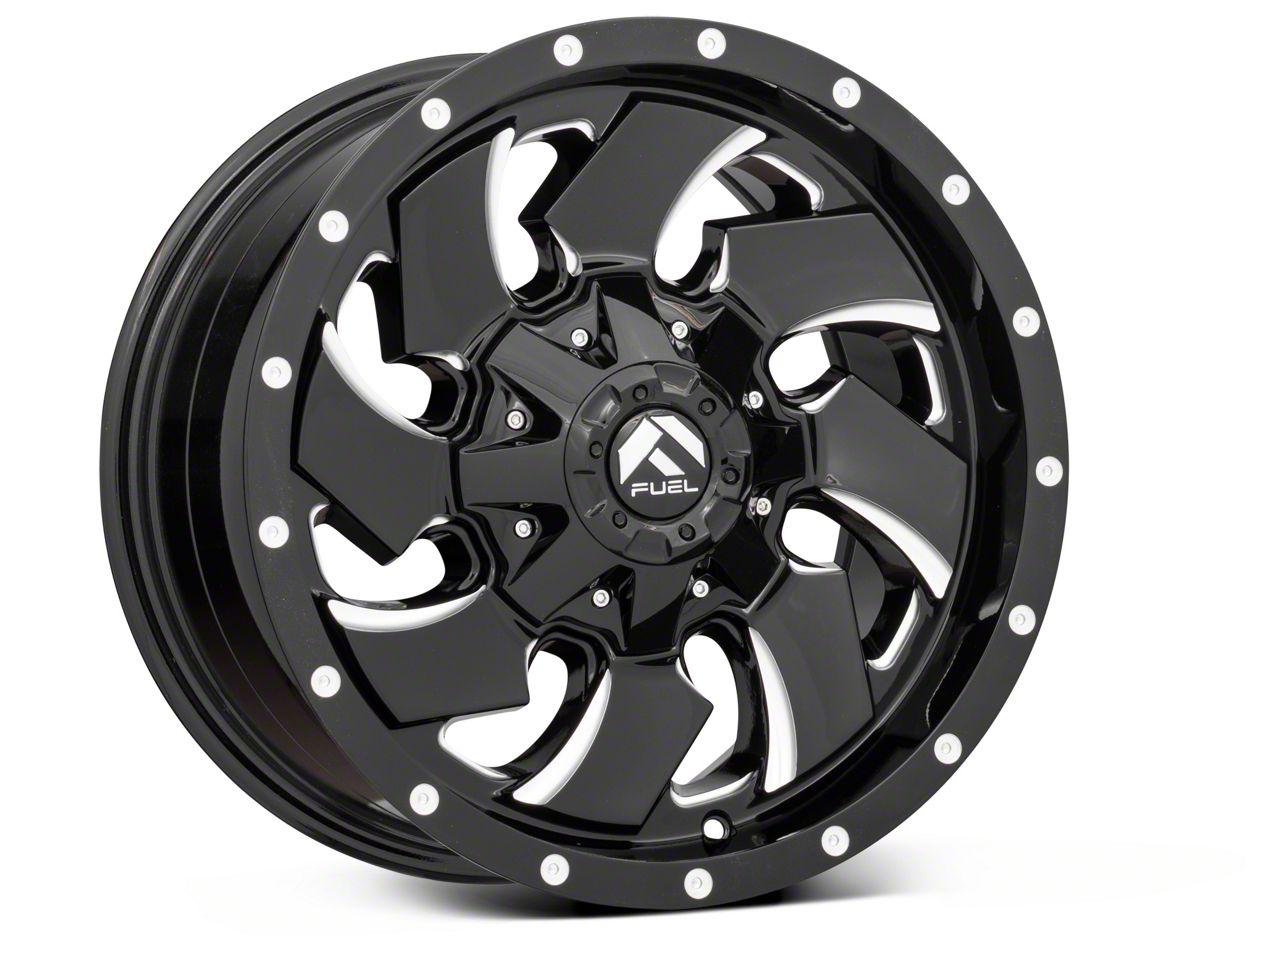 Fuel Wheels Cleaver Black Milled 6-Lug Wheel - 22x10 (07-18 Sierra 1500)